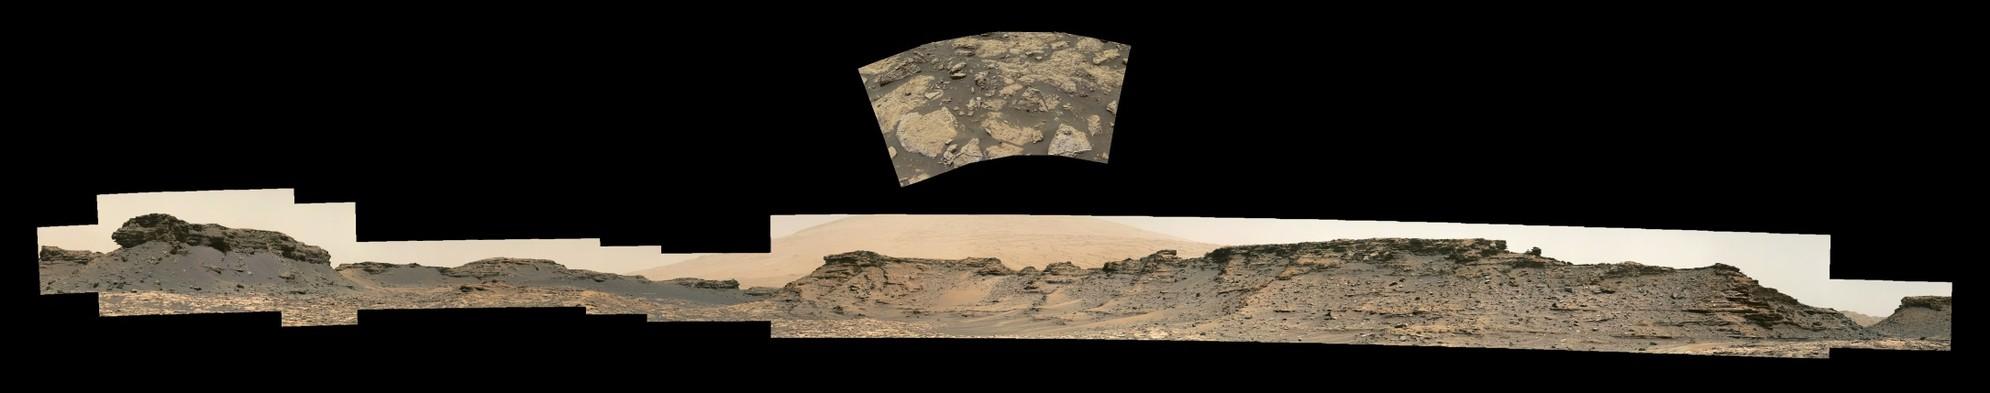 Curiosity Rover Sol 1441 Composites